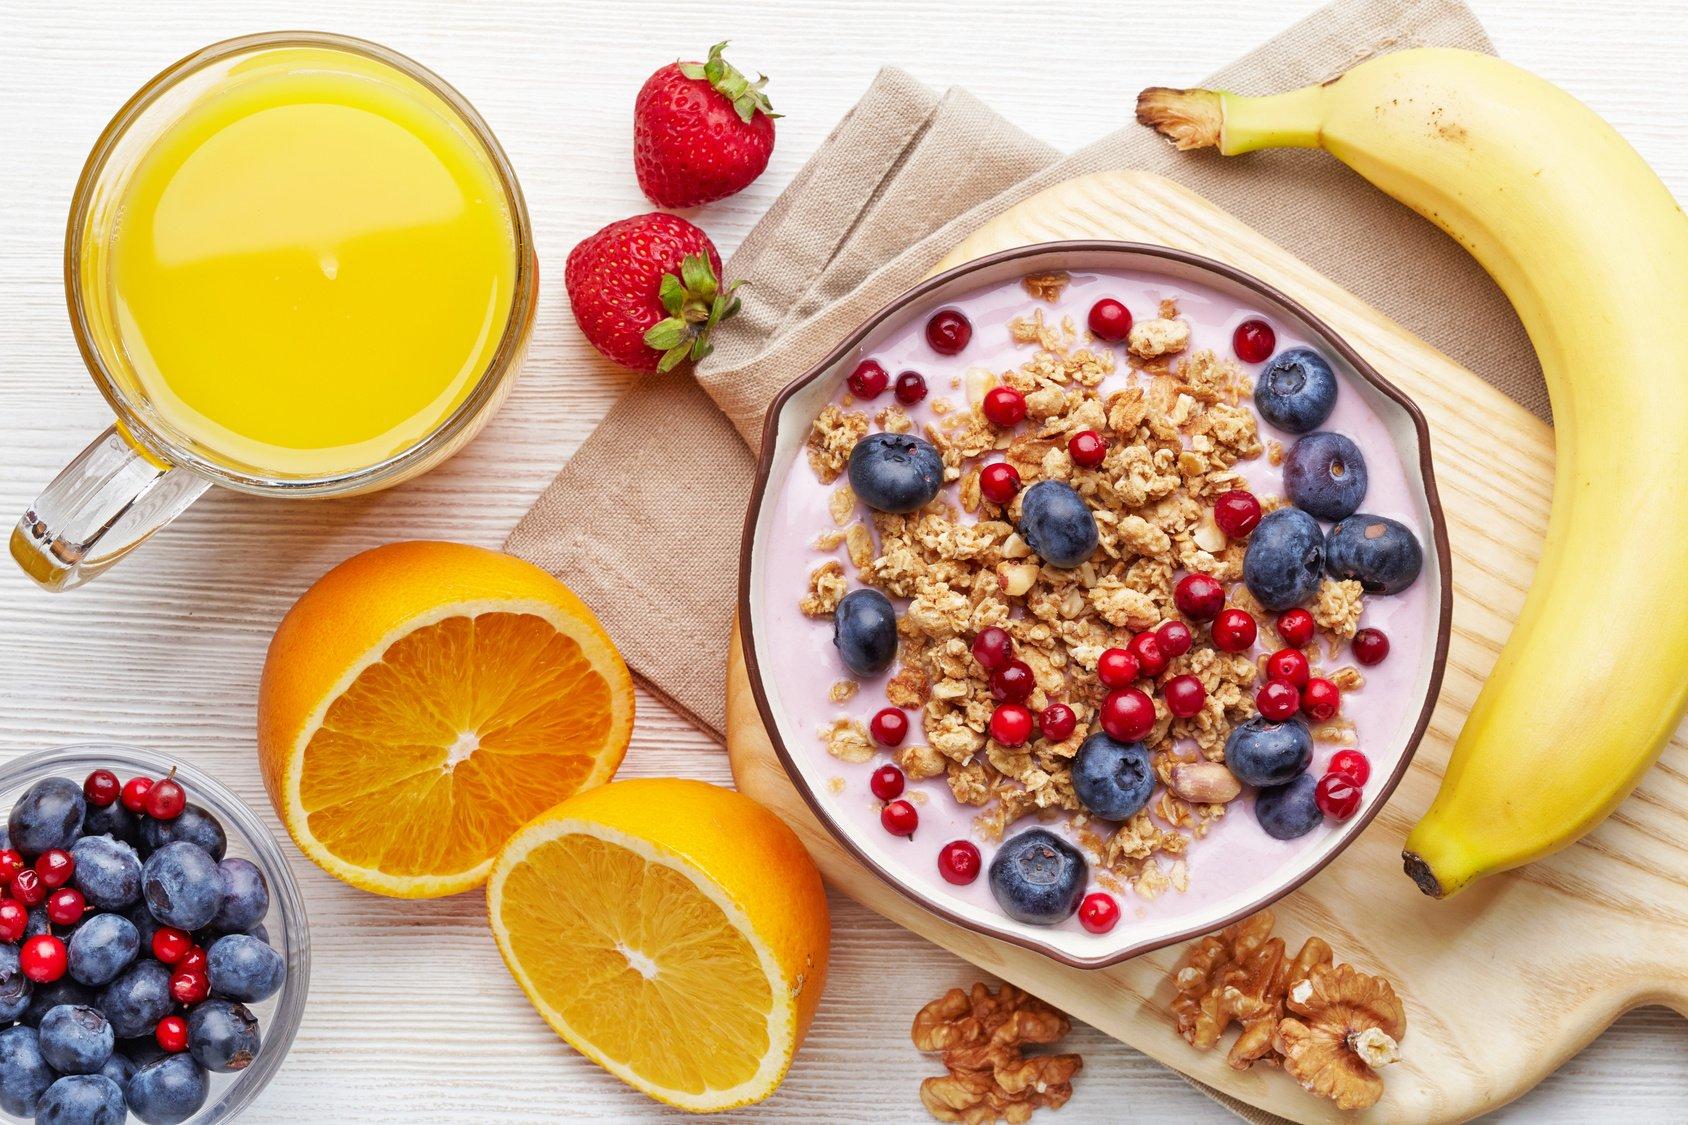 mit kell enni, hogy lefogy és energiát kapjon